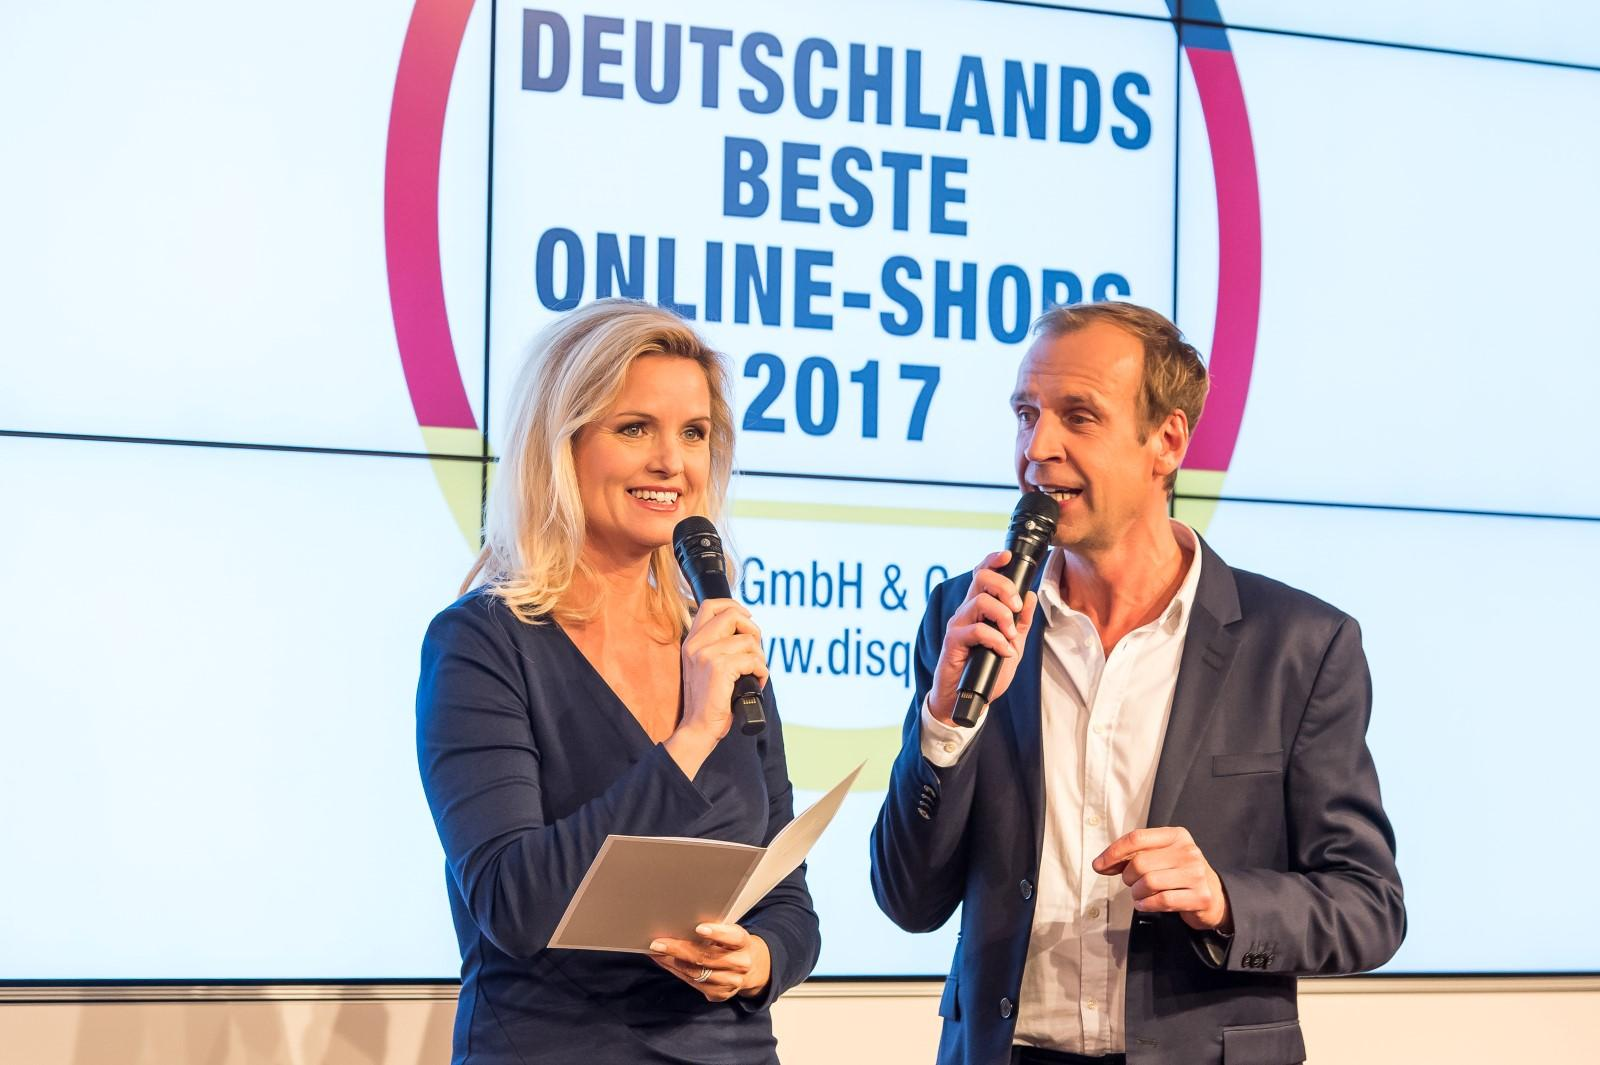 DEUTSCHLANDS BESTE ONLINE-SHOPS 2017 AUSGEZEICHNET